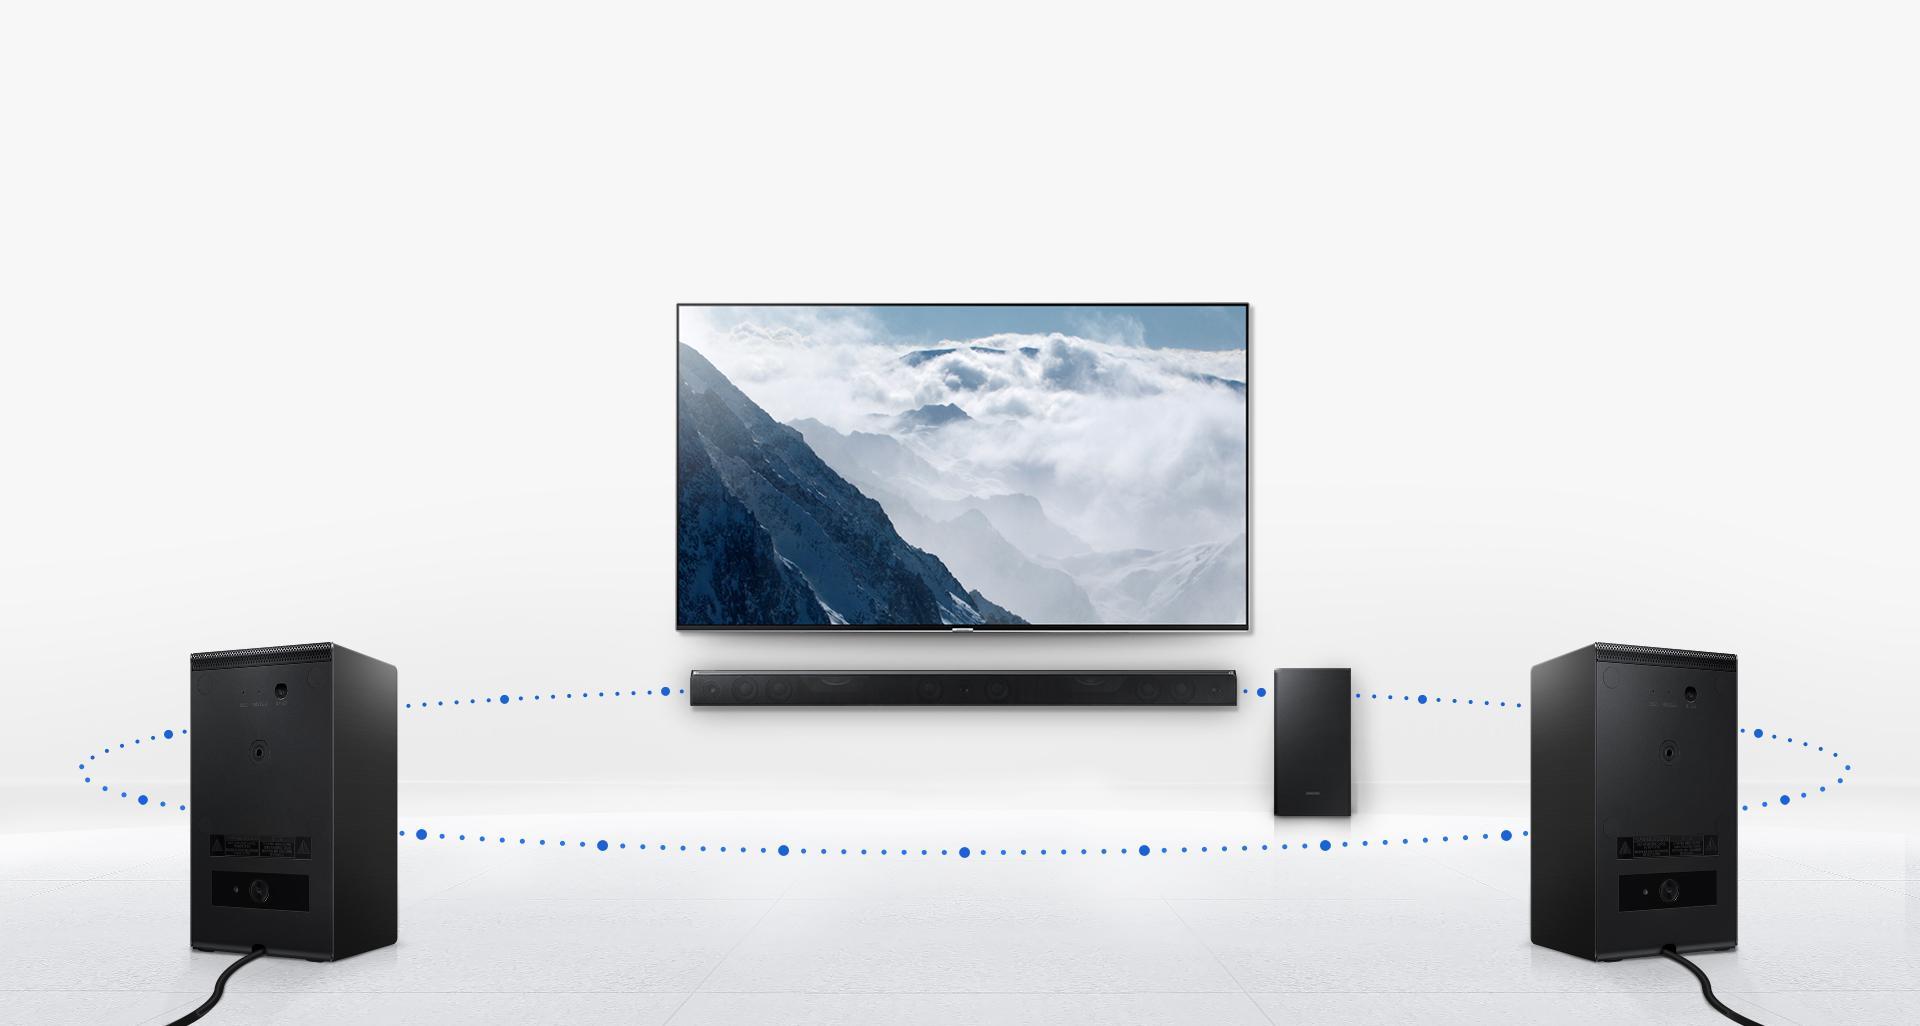 Amazon.com: Samsung HW-K950/ZA 5.1.4 Channel Soundbar with Dolby Atmos